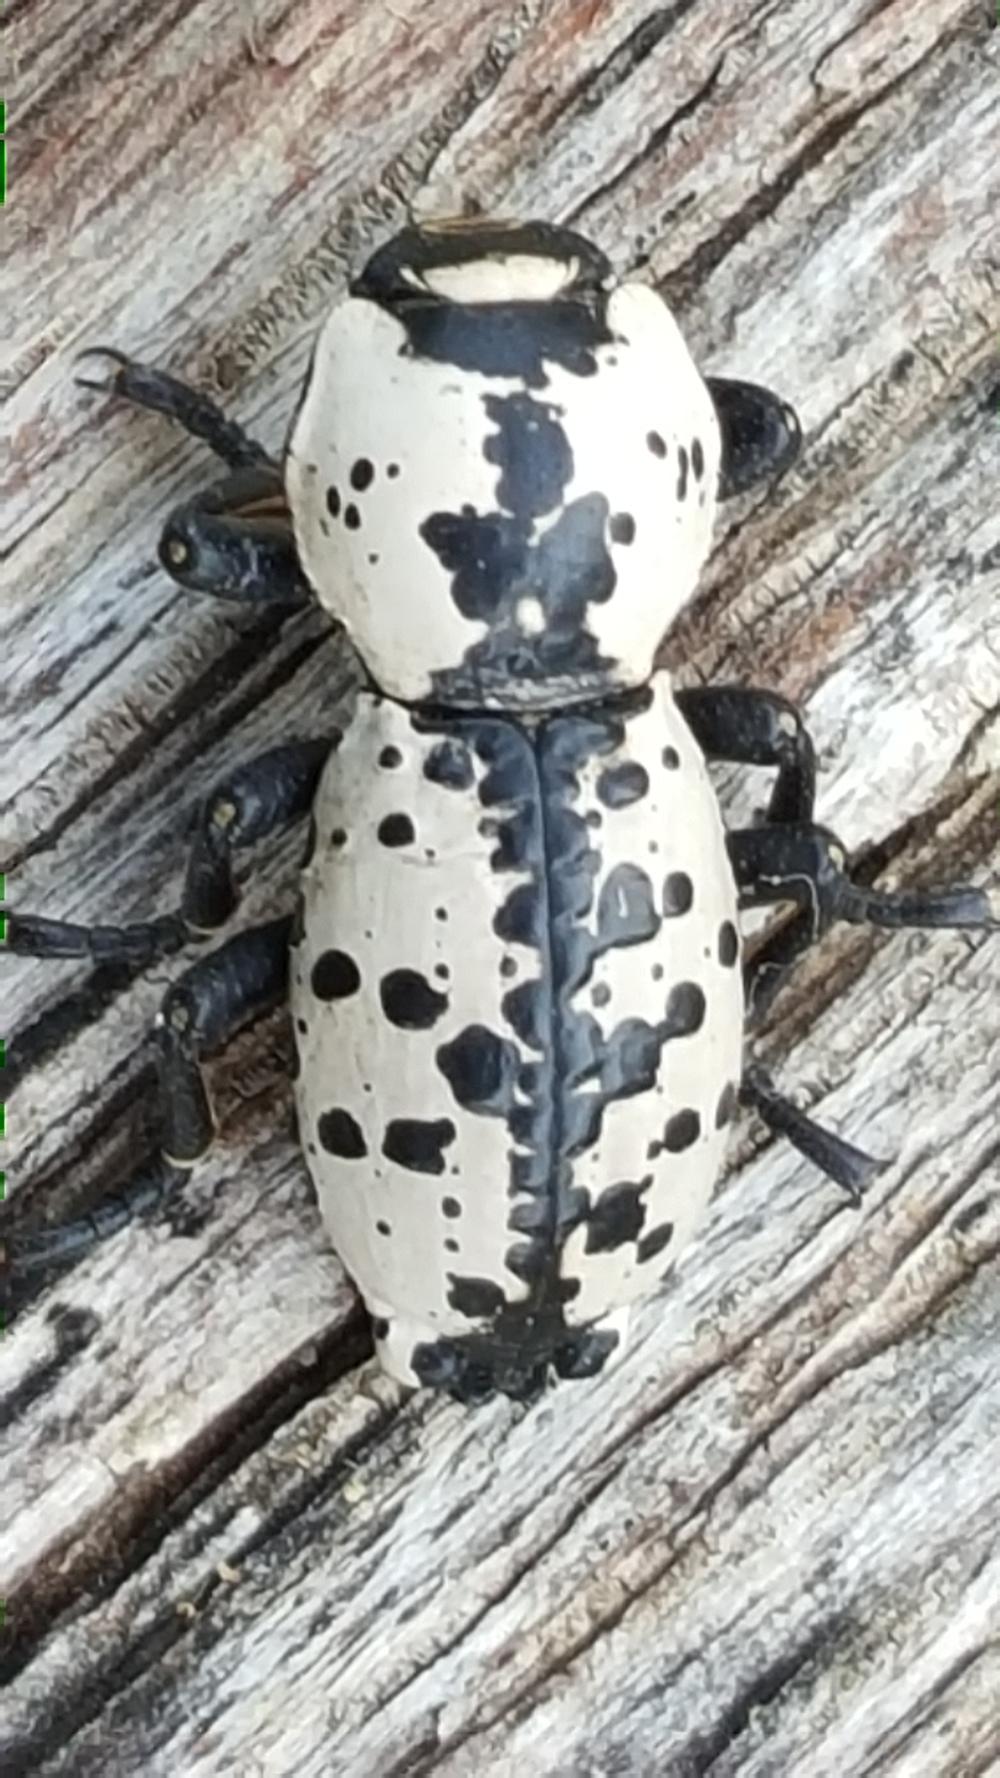 Ironclad beetle. Photo credit: K. C. Rudy.